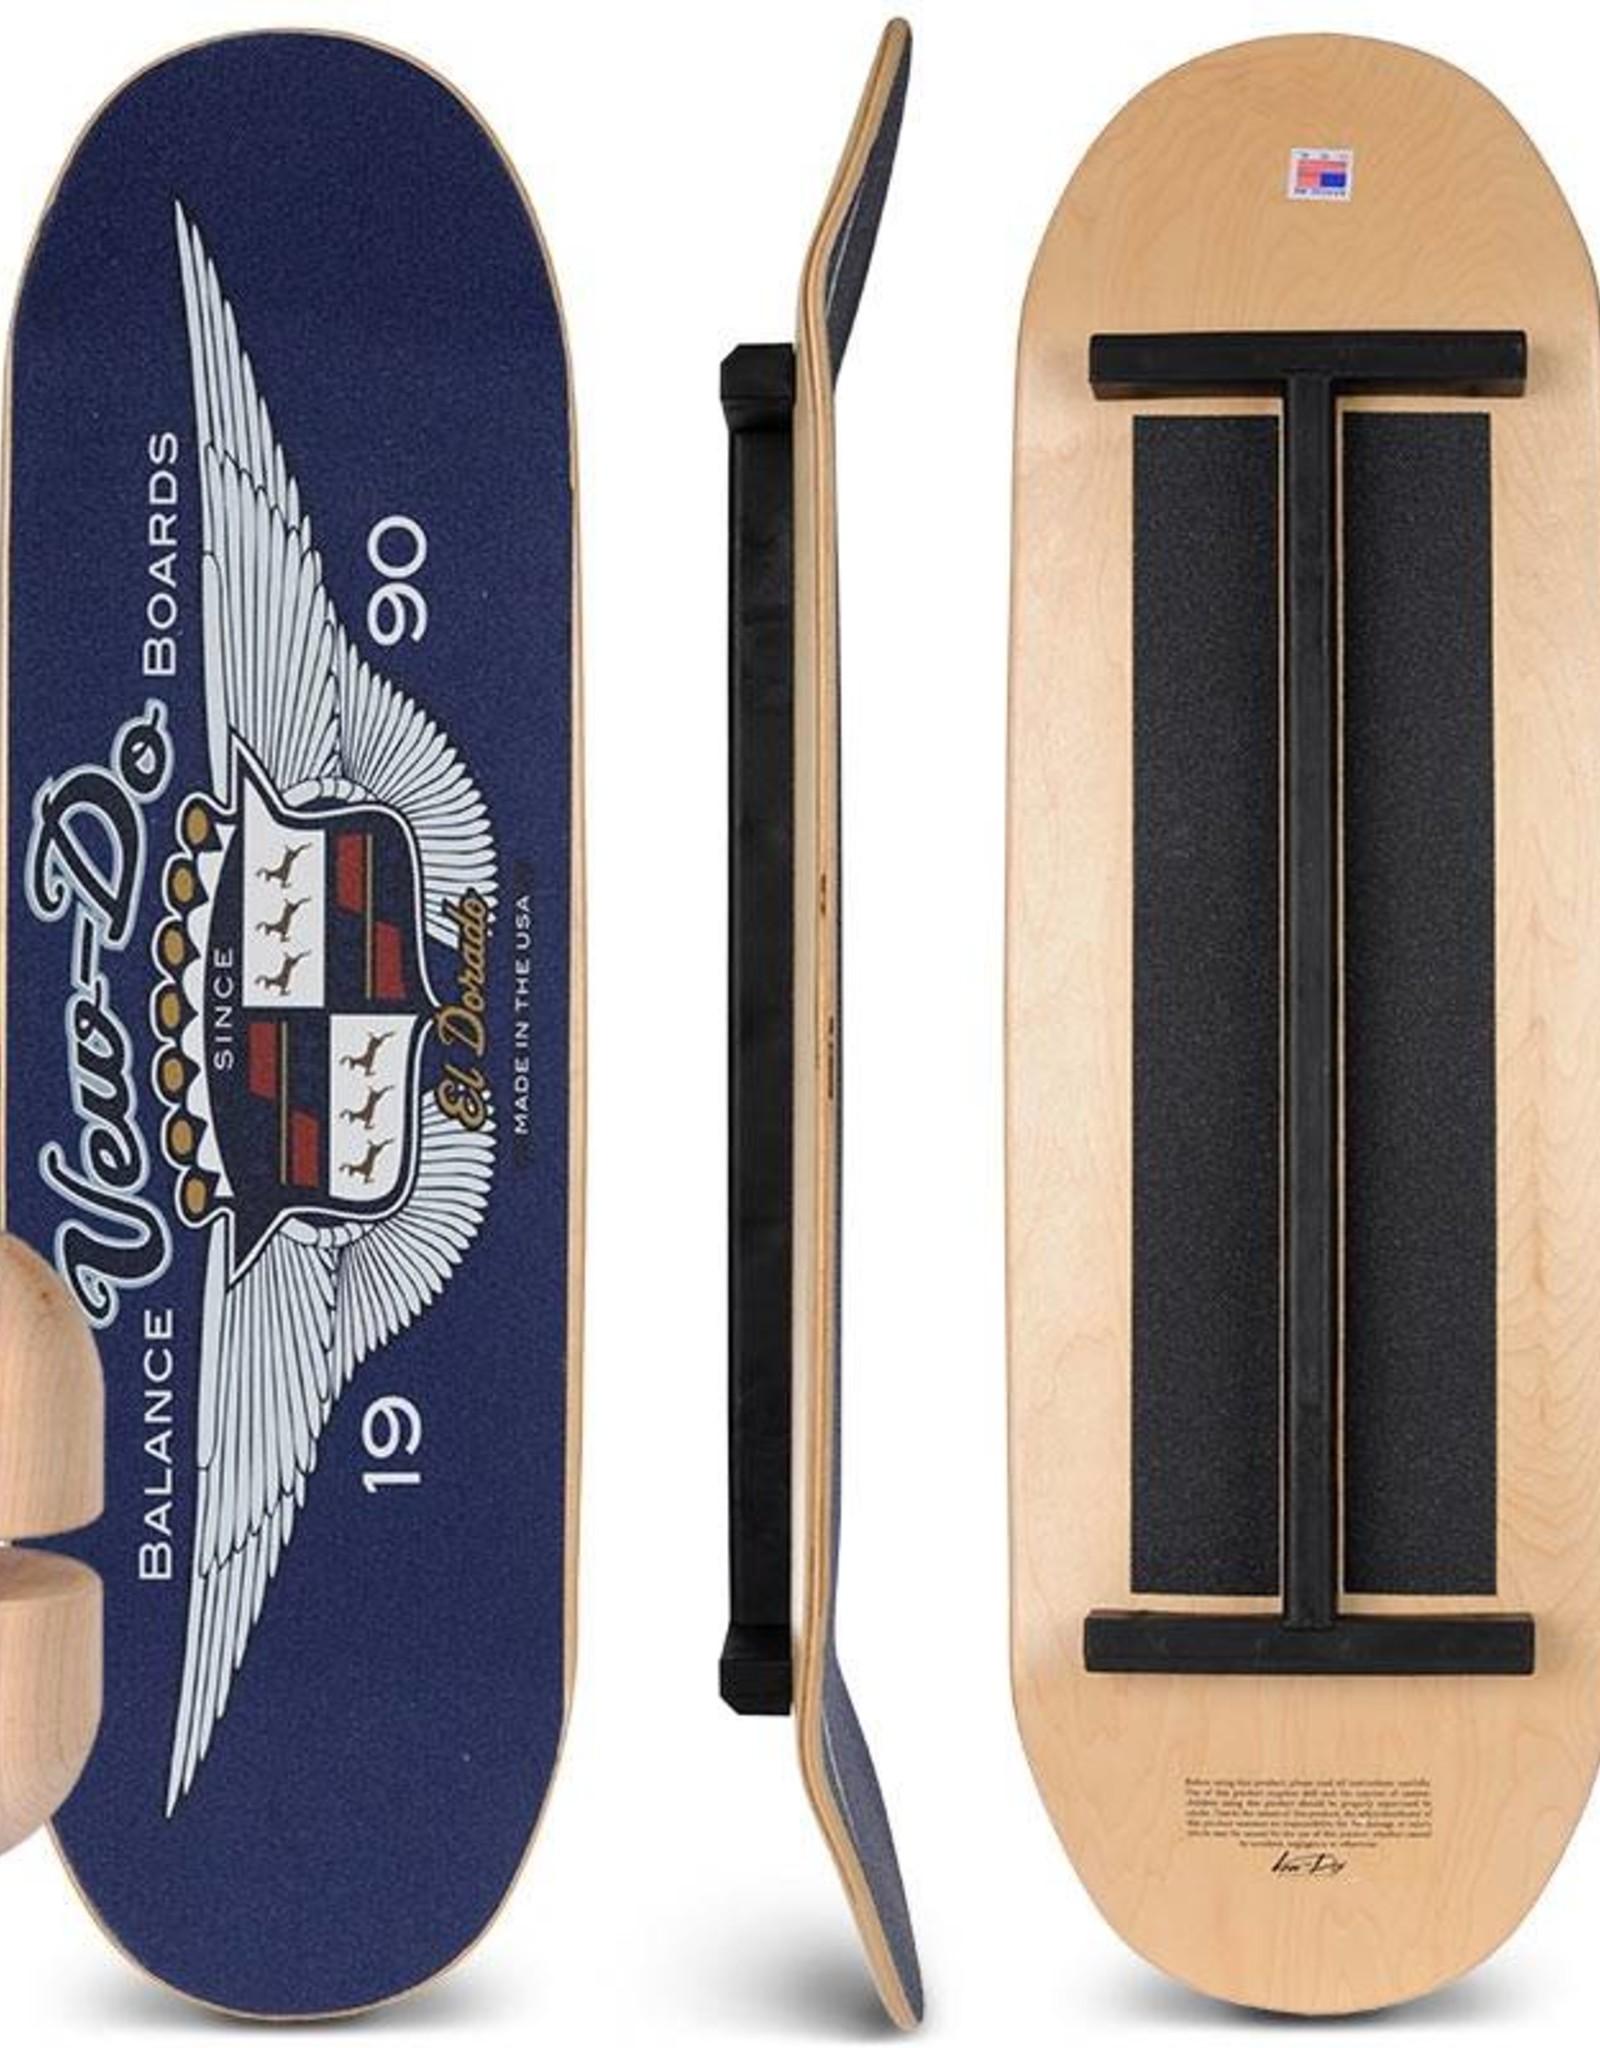 Vew-Do Vew-Do El Dorado Blue Balance Tainer for Advanced Users